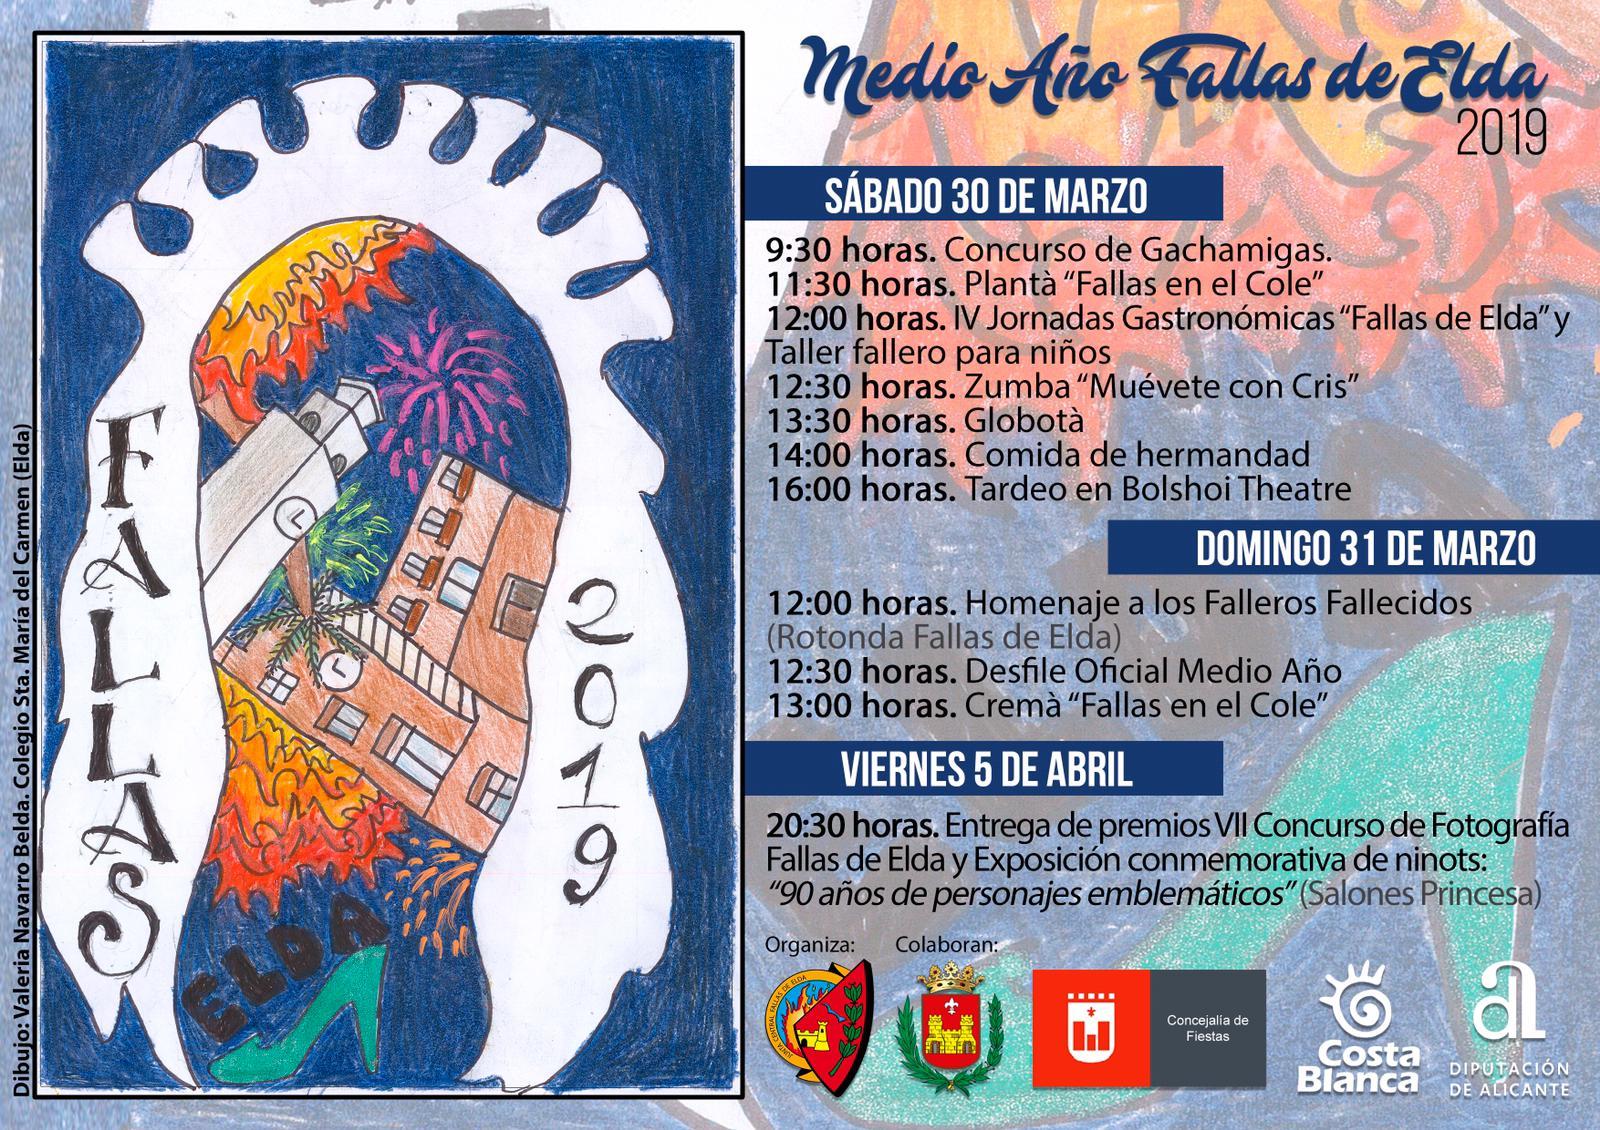 La niña Valeria Navarro, ganadora del concurso de carteles del Medio Año Fallero